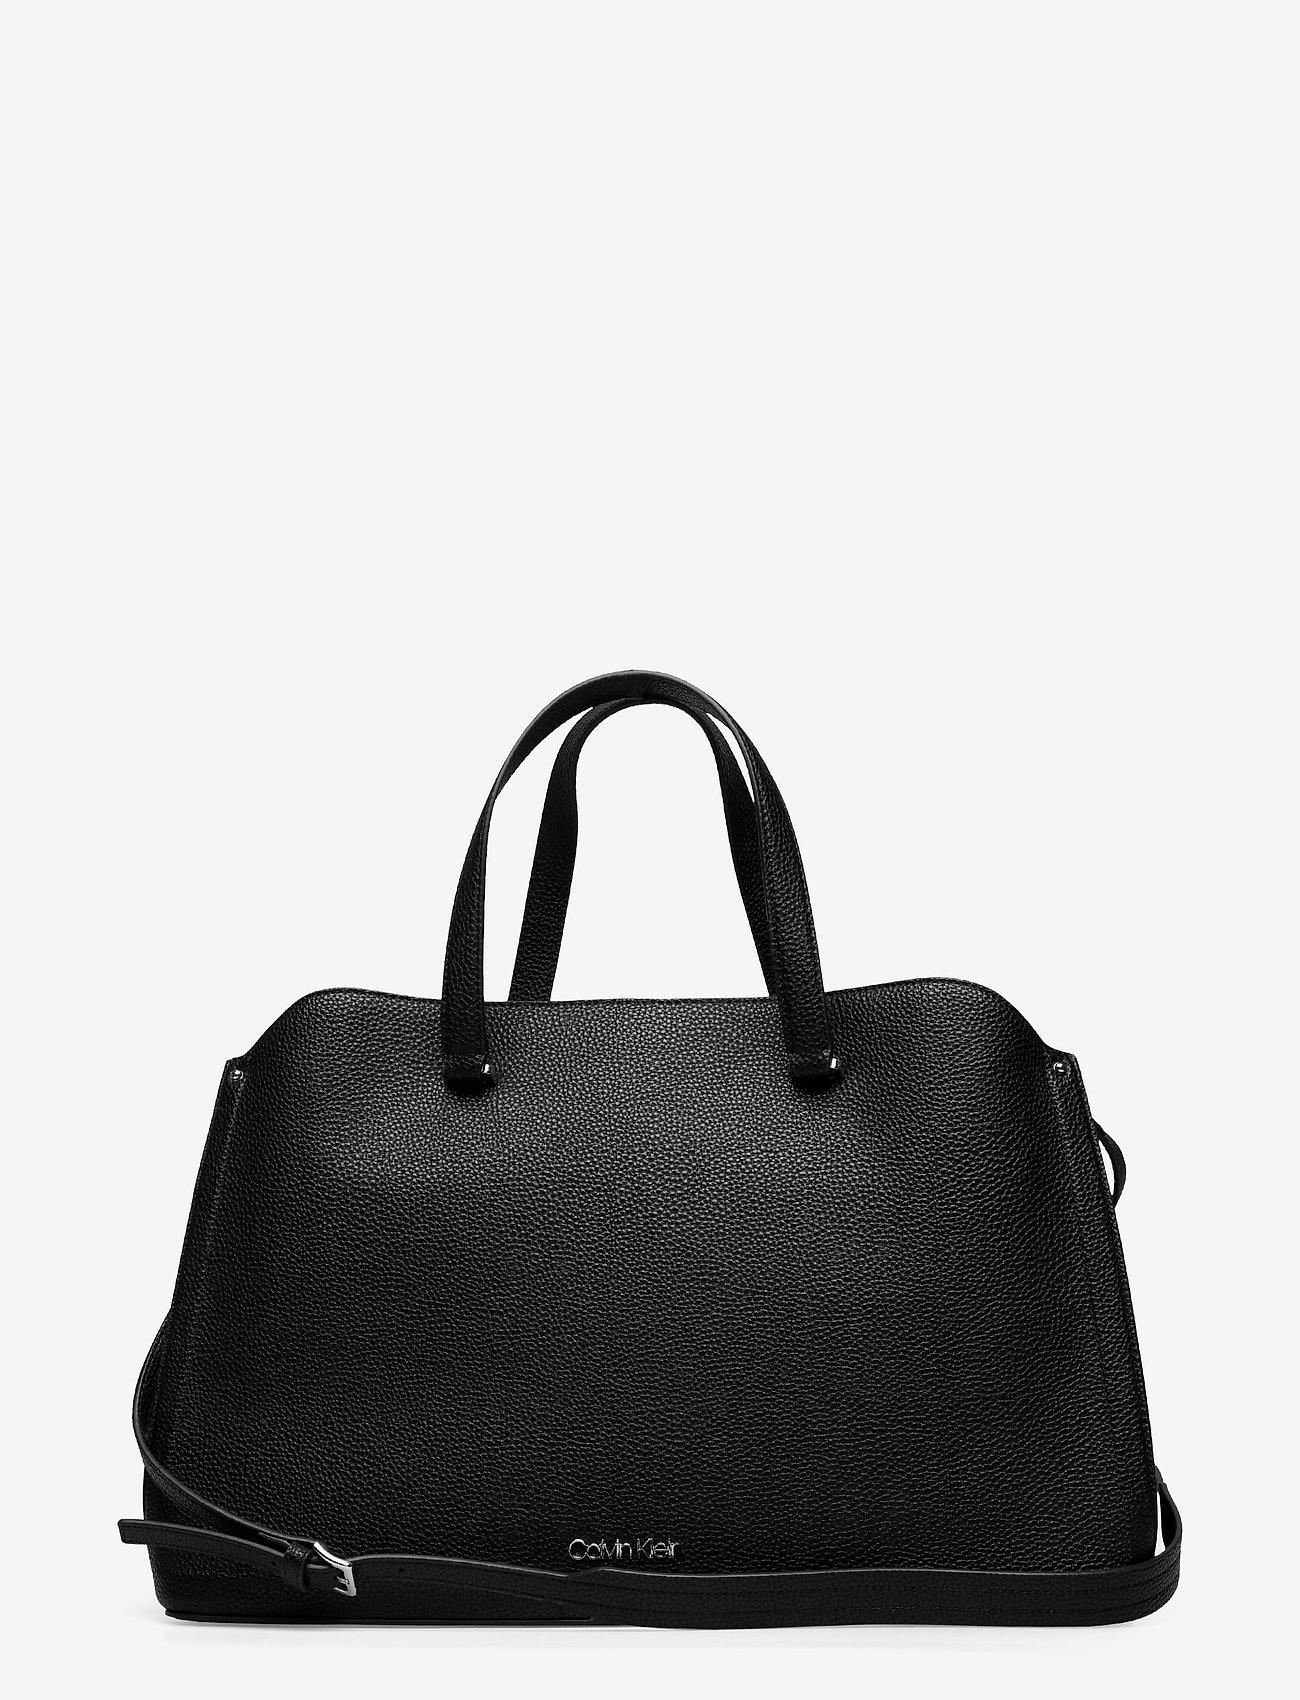 Calvin Klein - TOTE LG - handväskor - ck black - 0